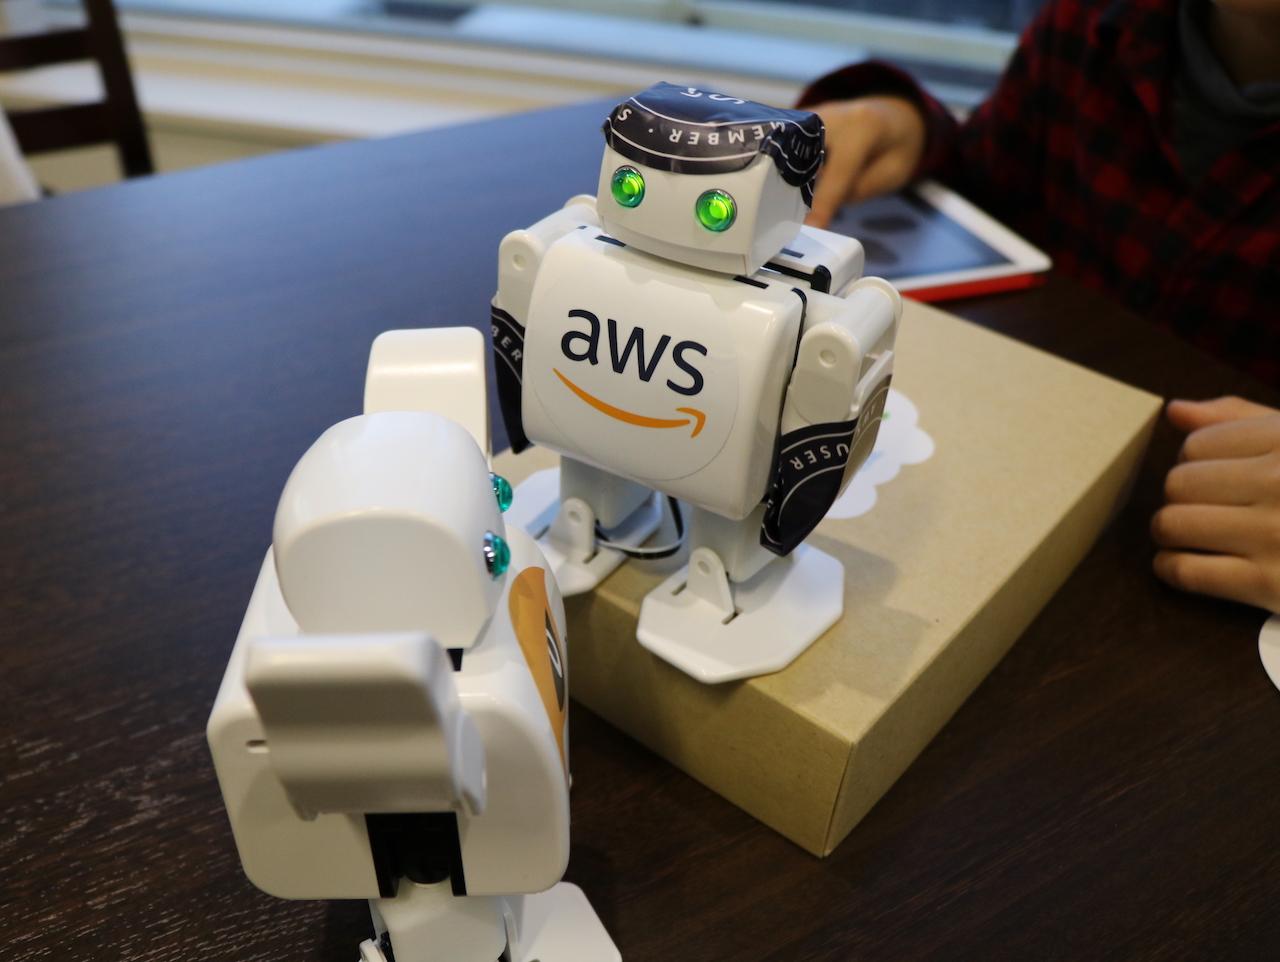 Alexa Day 2018 のロボワークショップに参加してきましたよ